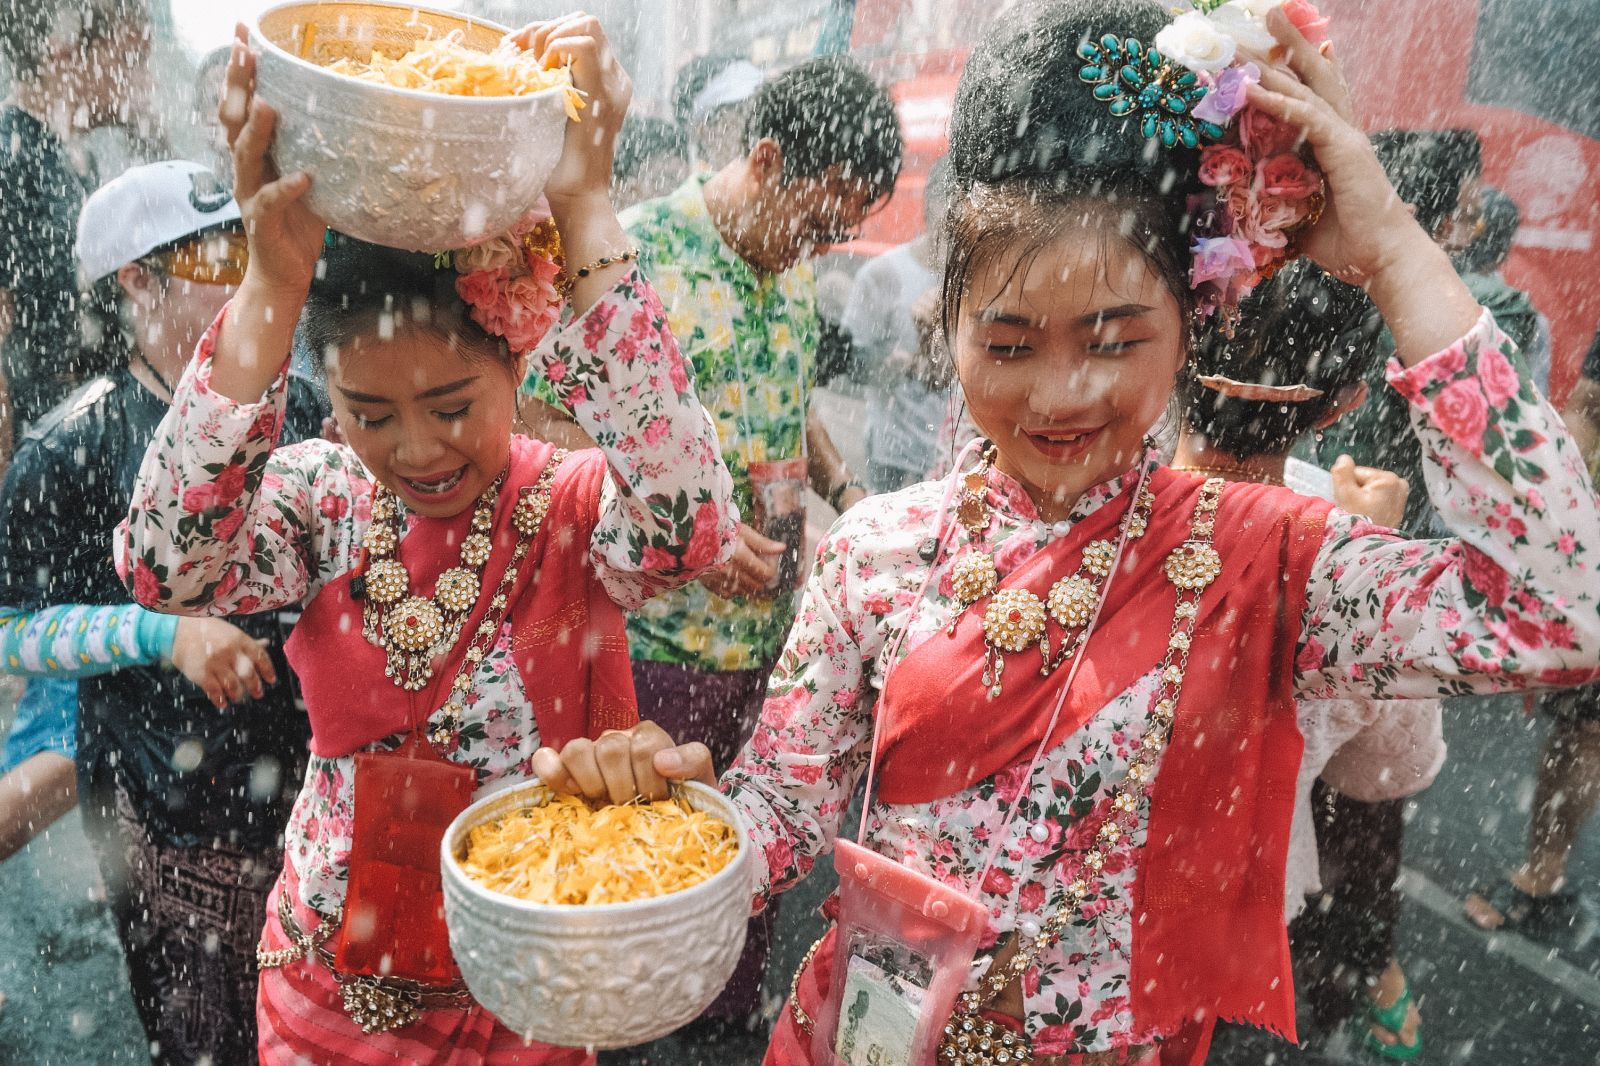 Lễ hội té nước Songkran: Đừng giữ mình khô ráo nếu muốn hưởng hạnh phúc! - Ảnh 8.